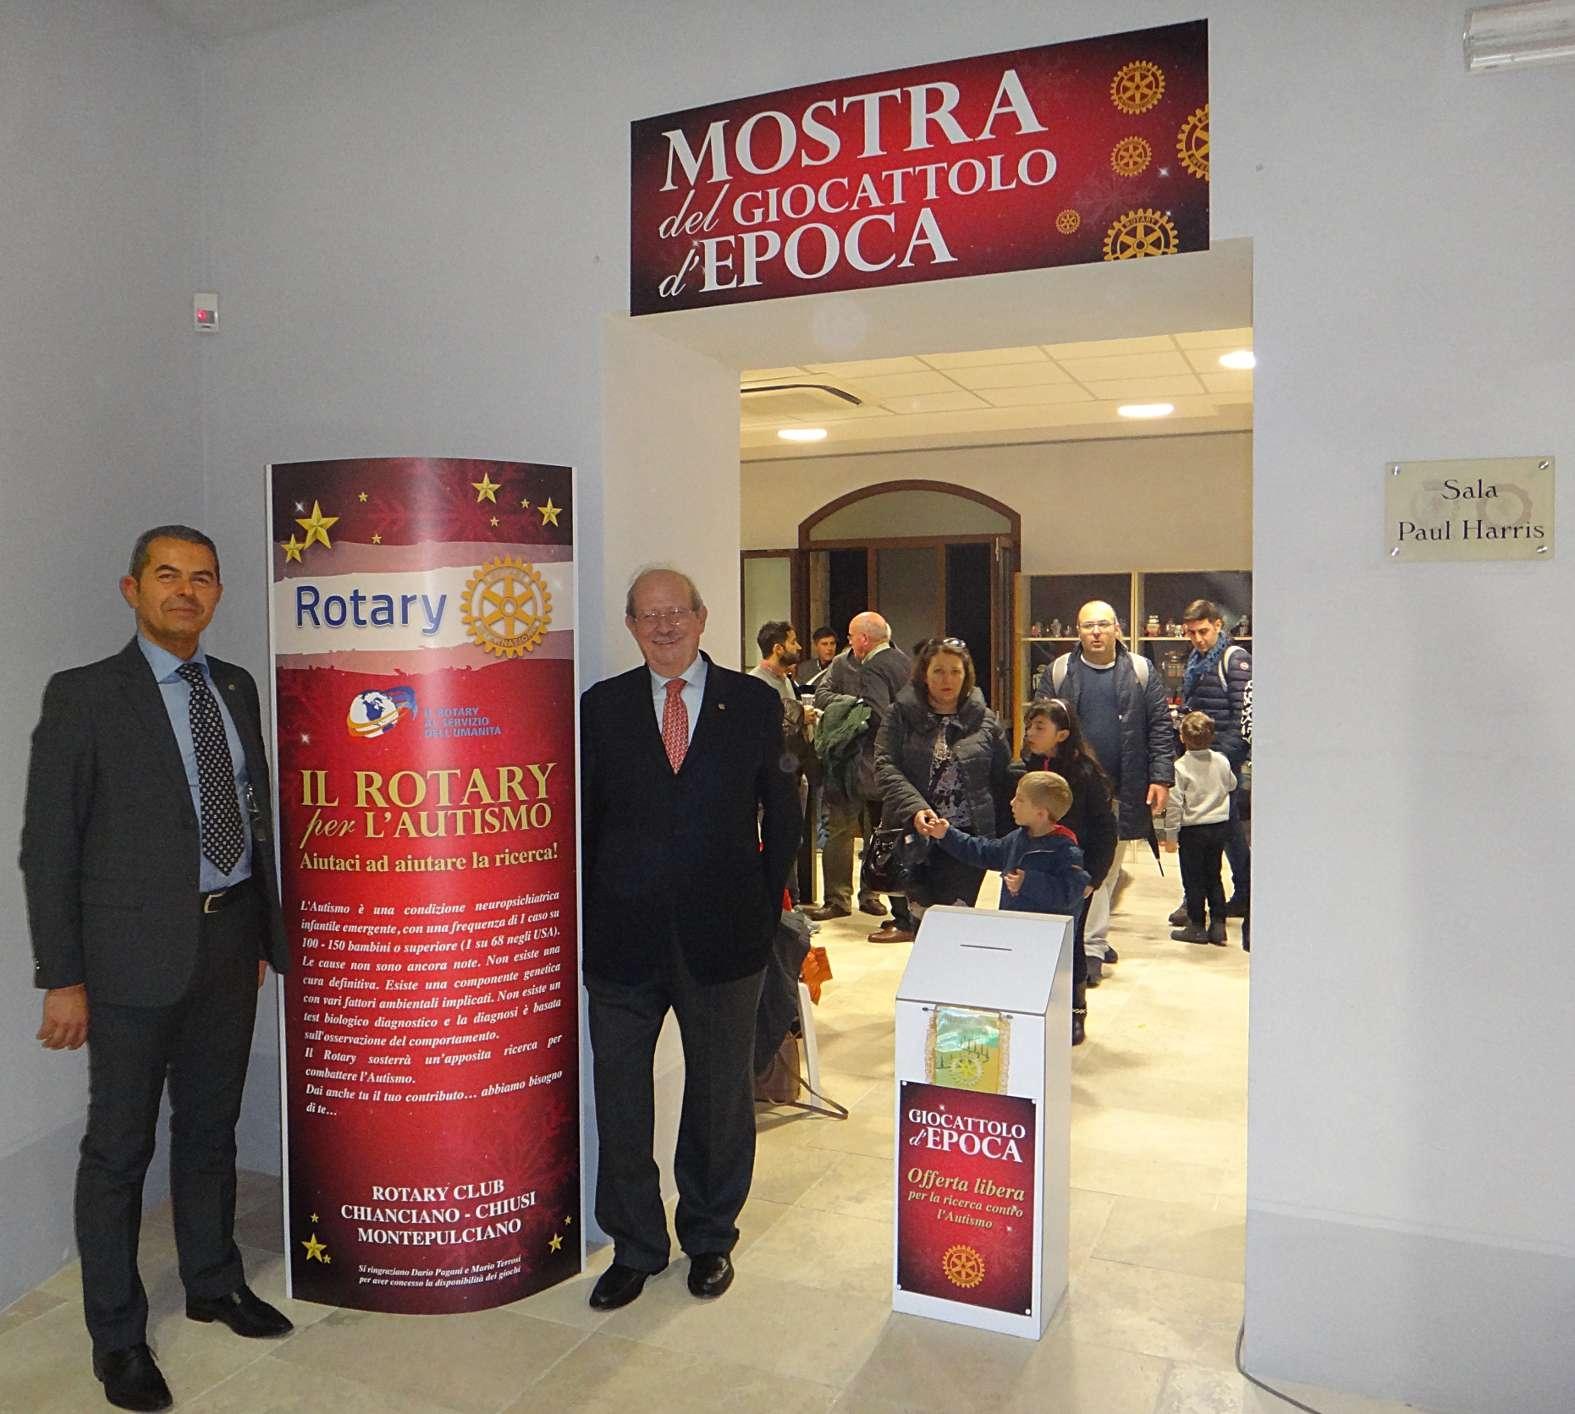 Giocattoli antichi in mostra a Montepulciano, esposizione promossa dal Rotary